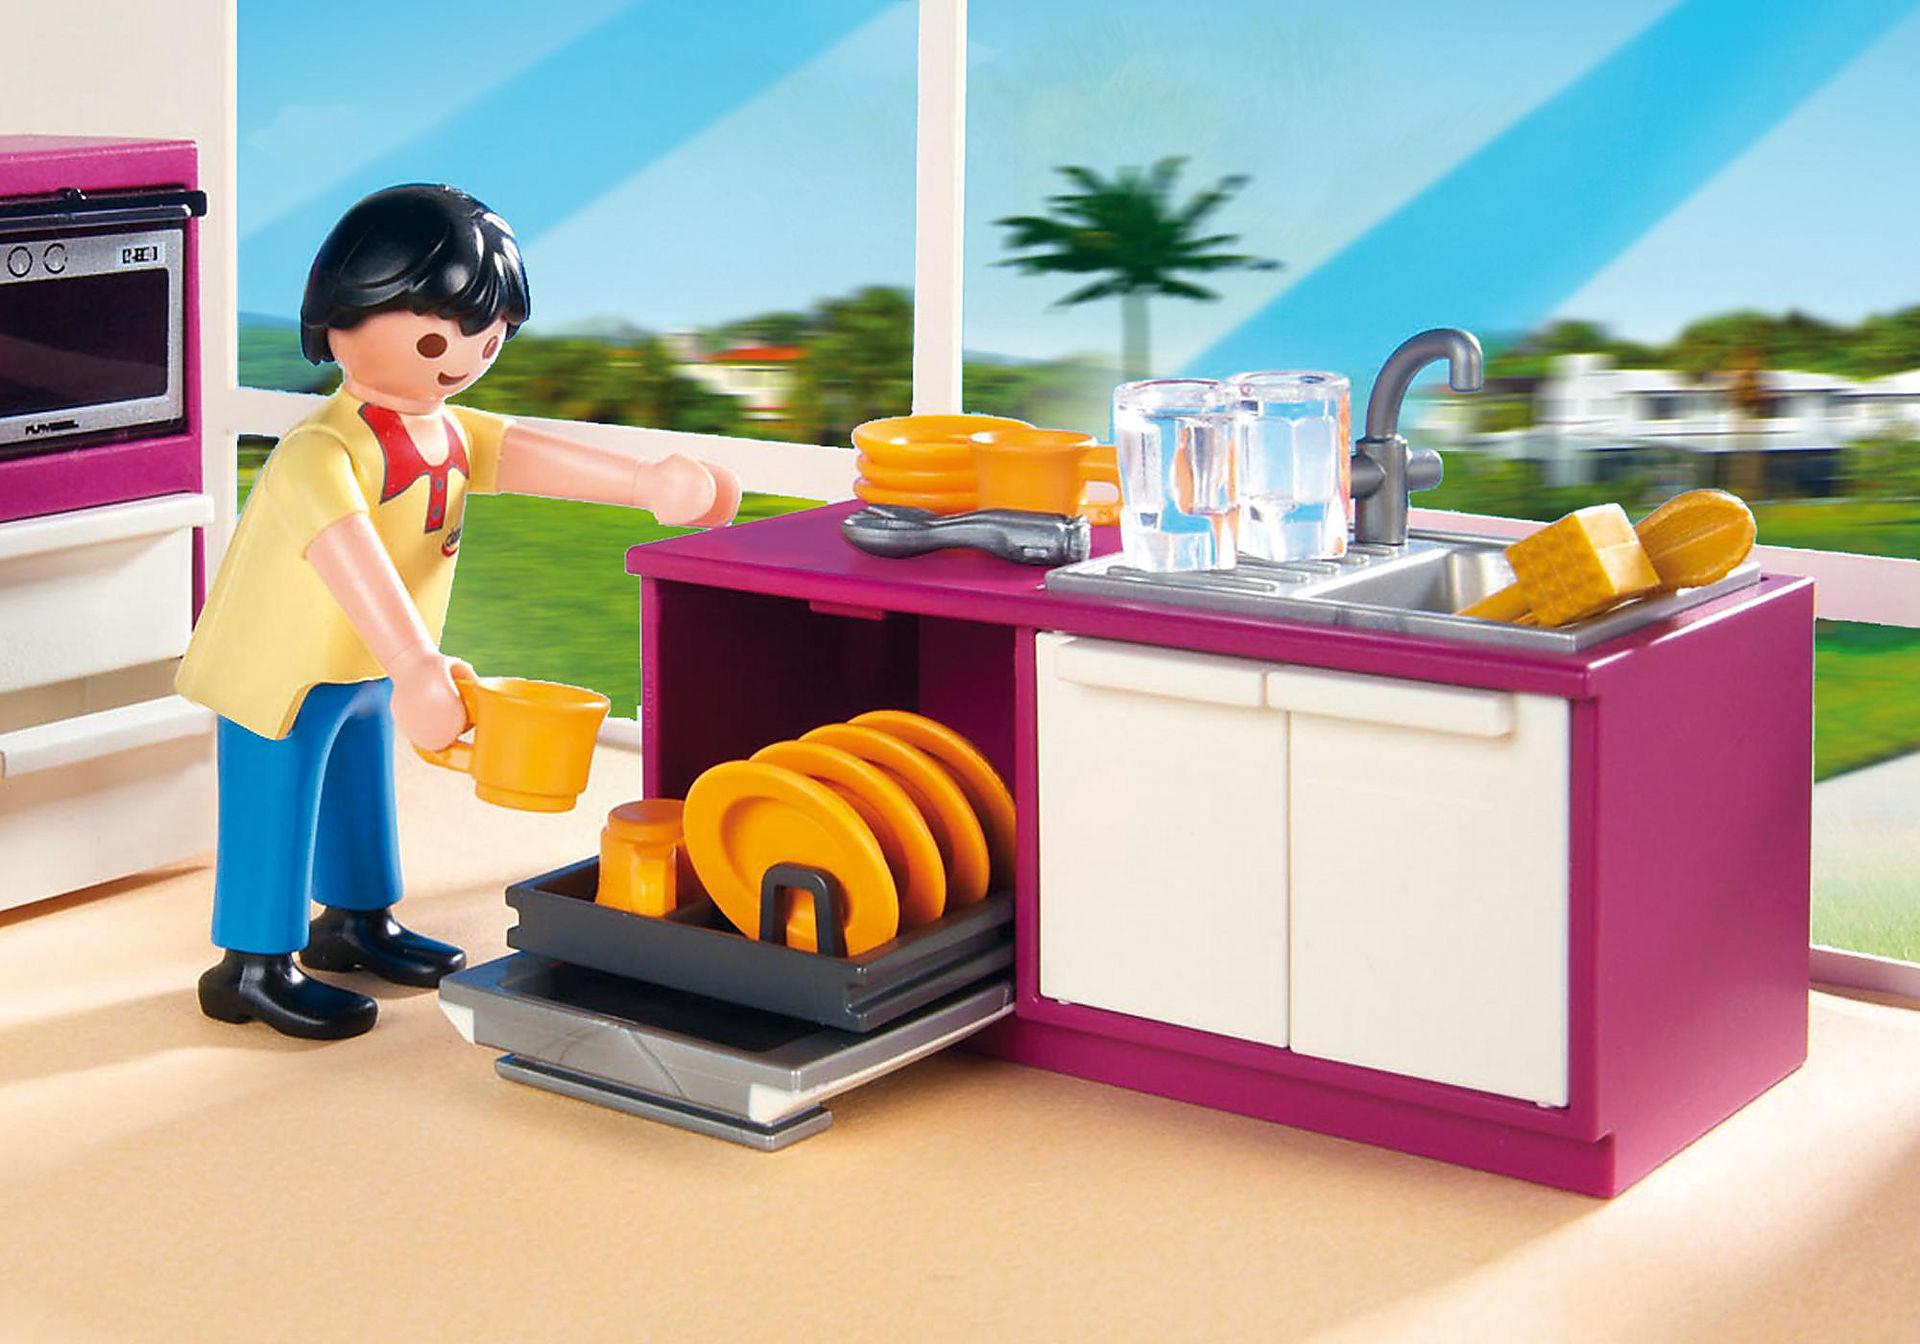 5582 Μοντέρνα κουζίνα zoom image5